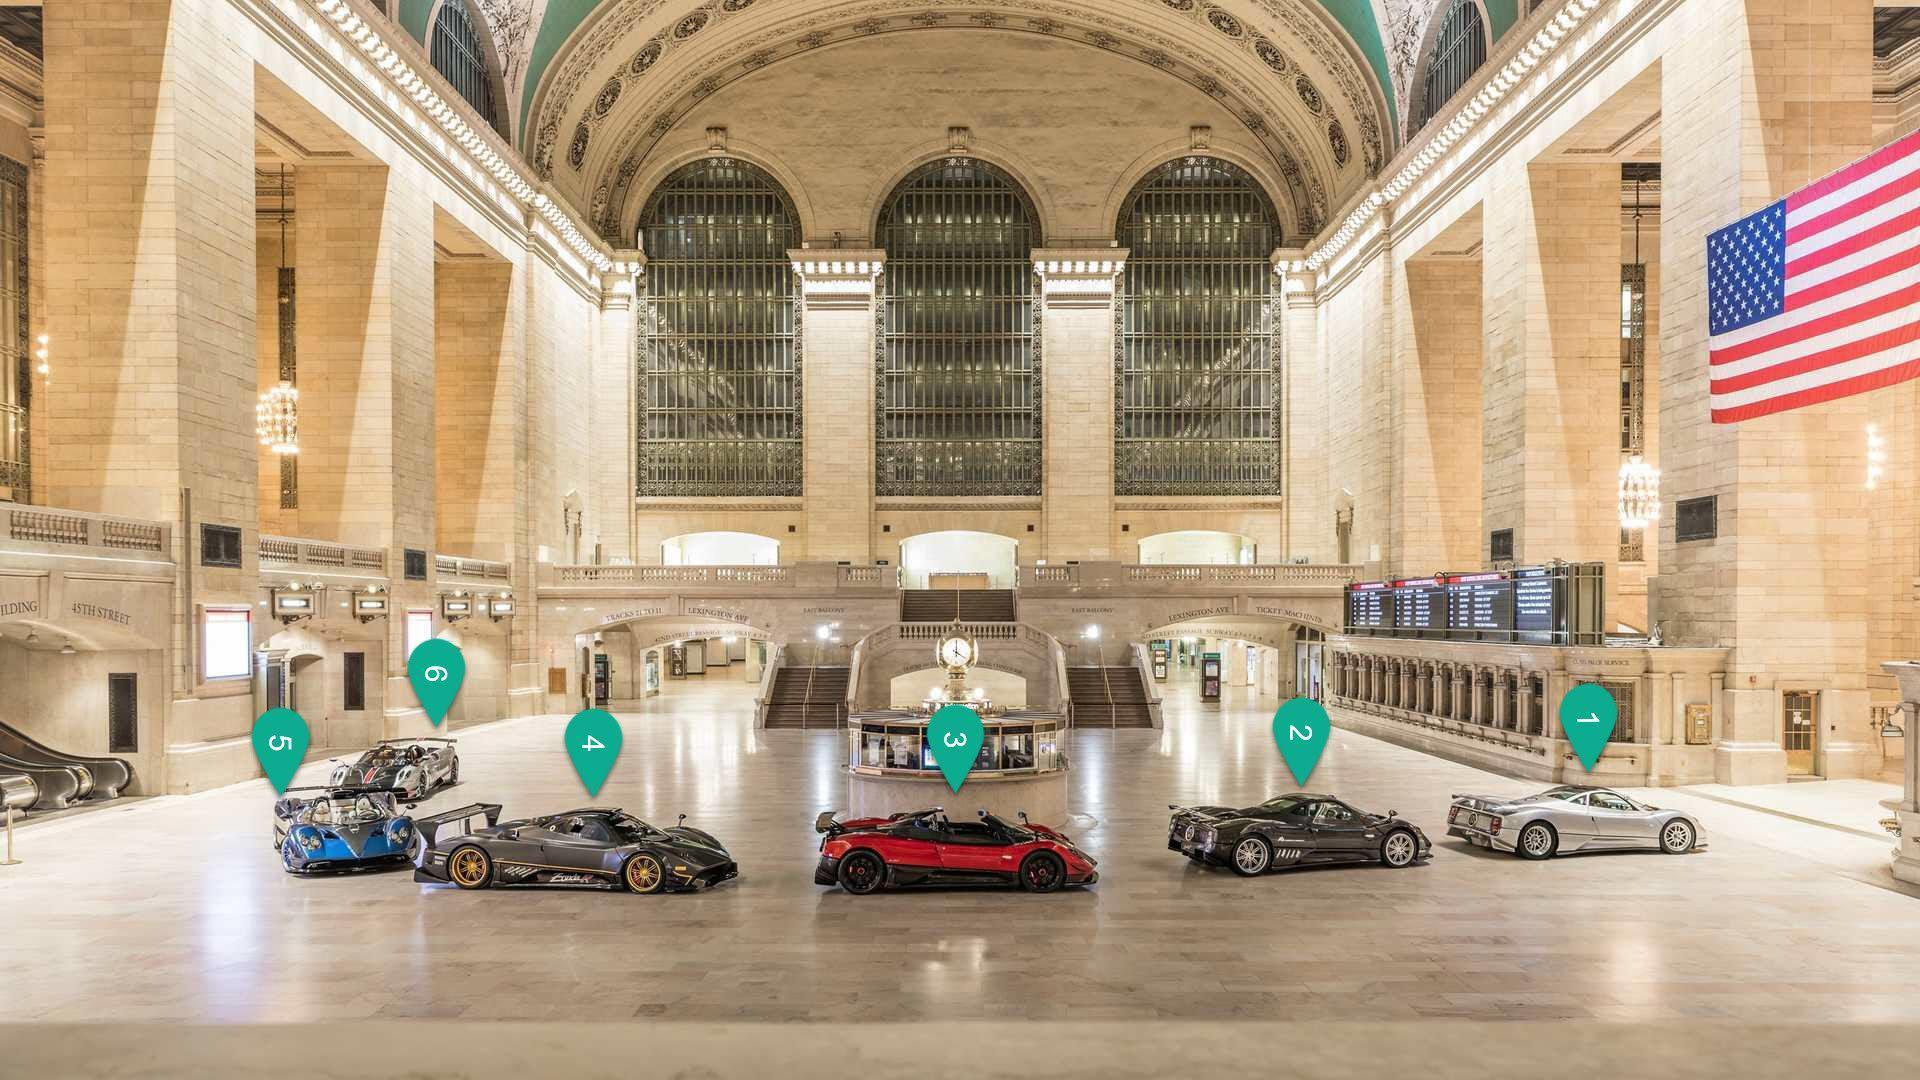 6辆帕加尼亮相纽约中央火车站